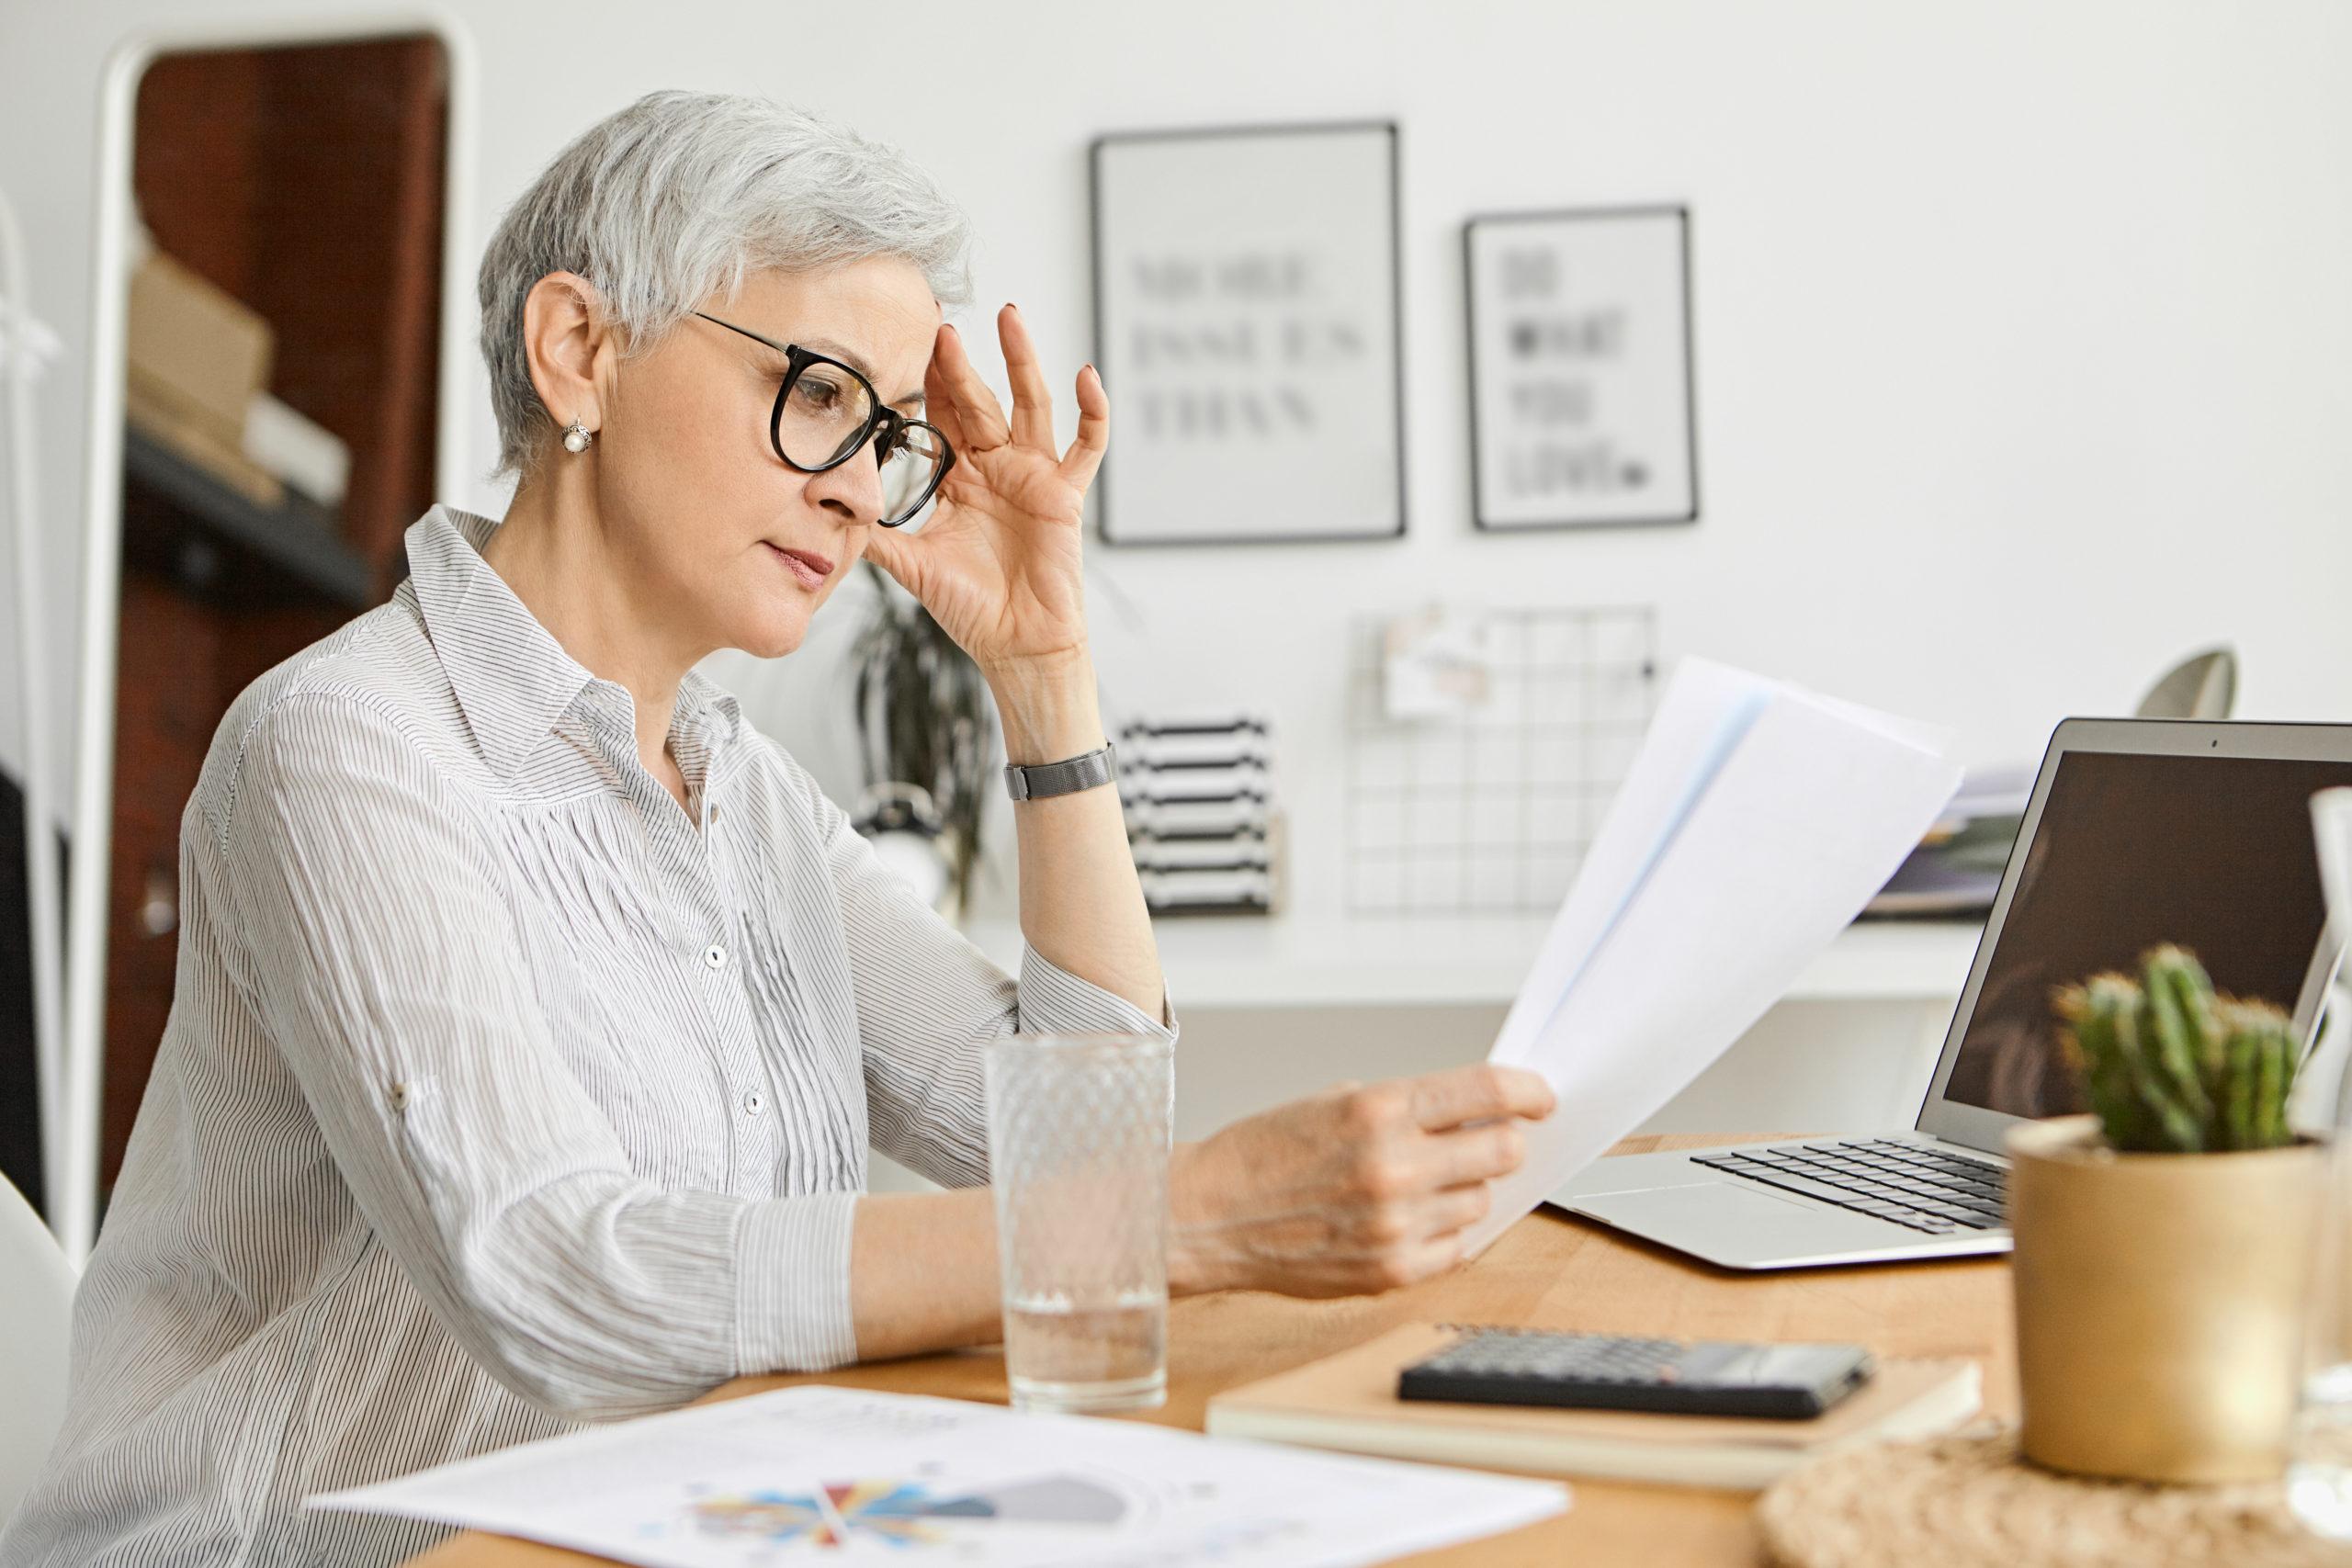 Femme d'une cinquantaine d'année entrain de lire